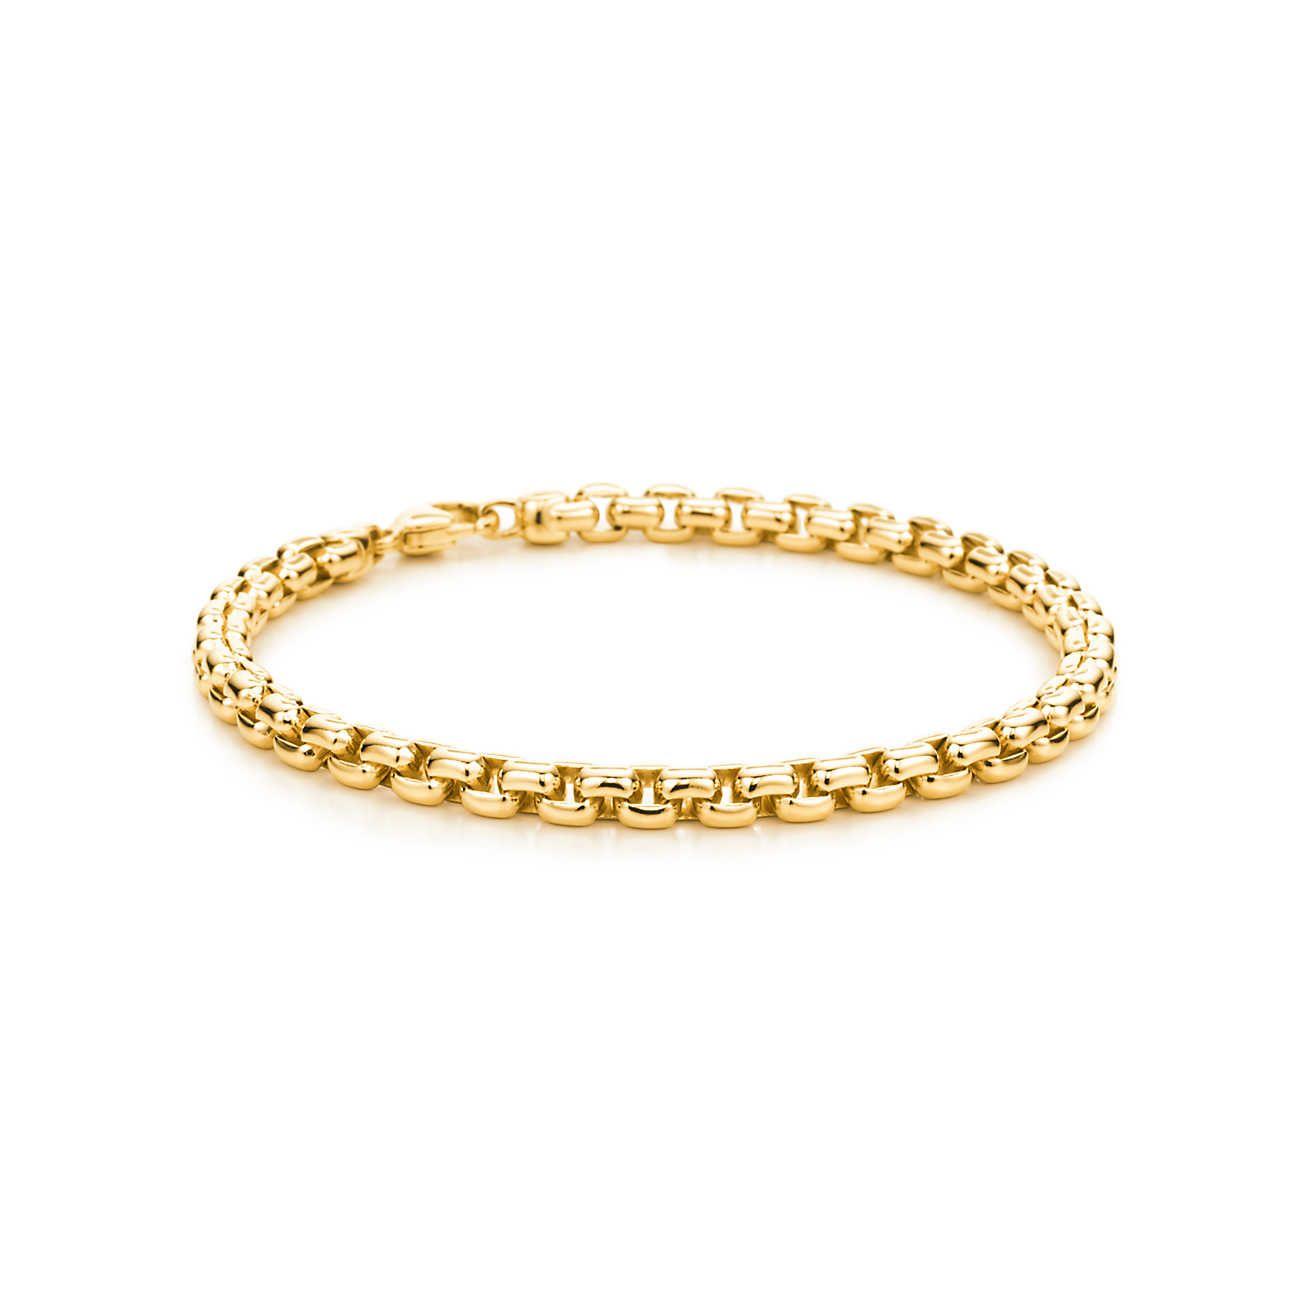 Square link bracelet 패션 pinterest gold link bracelet